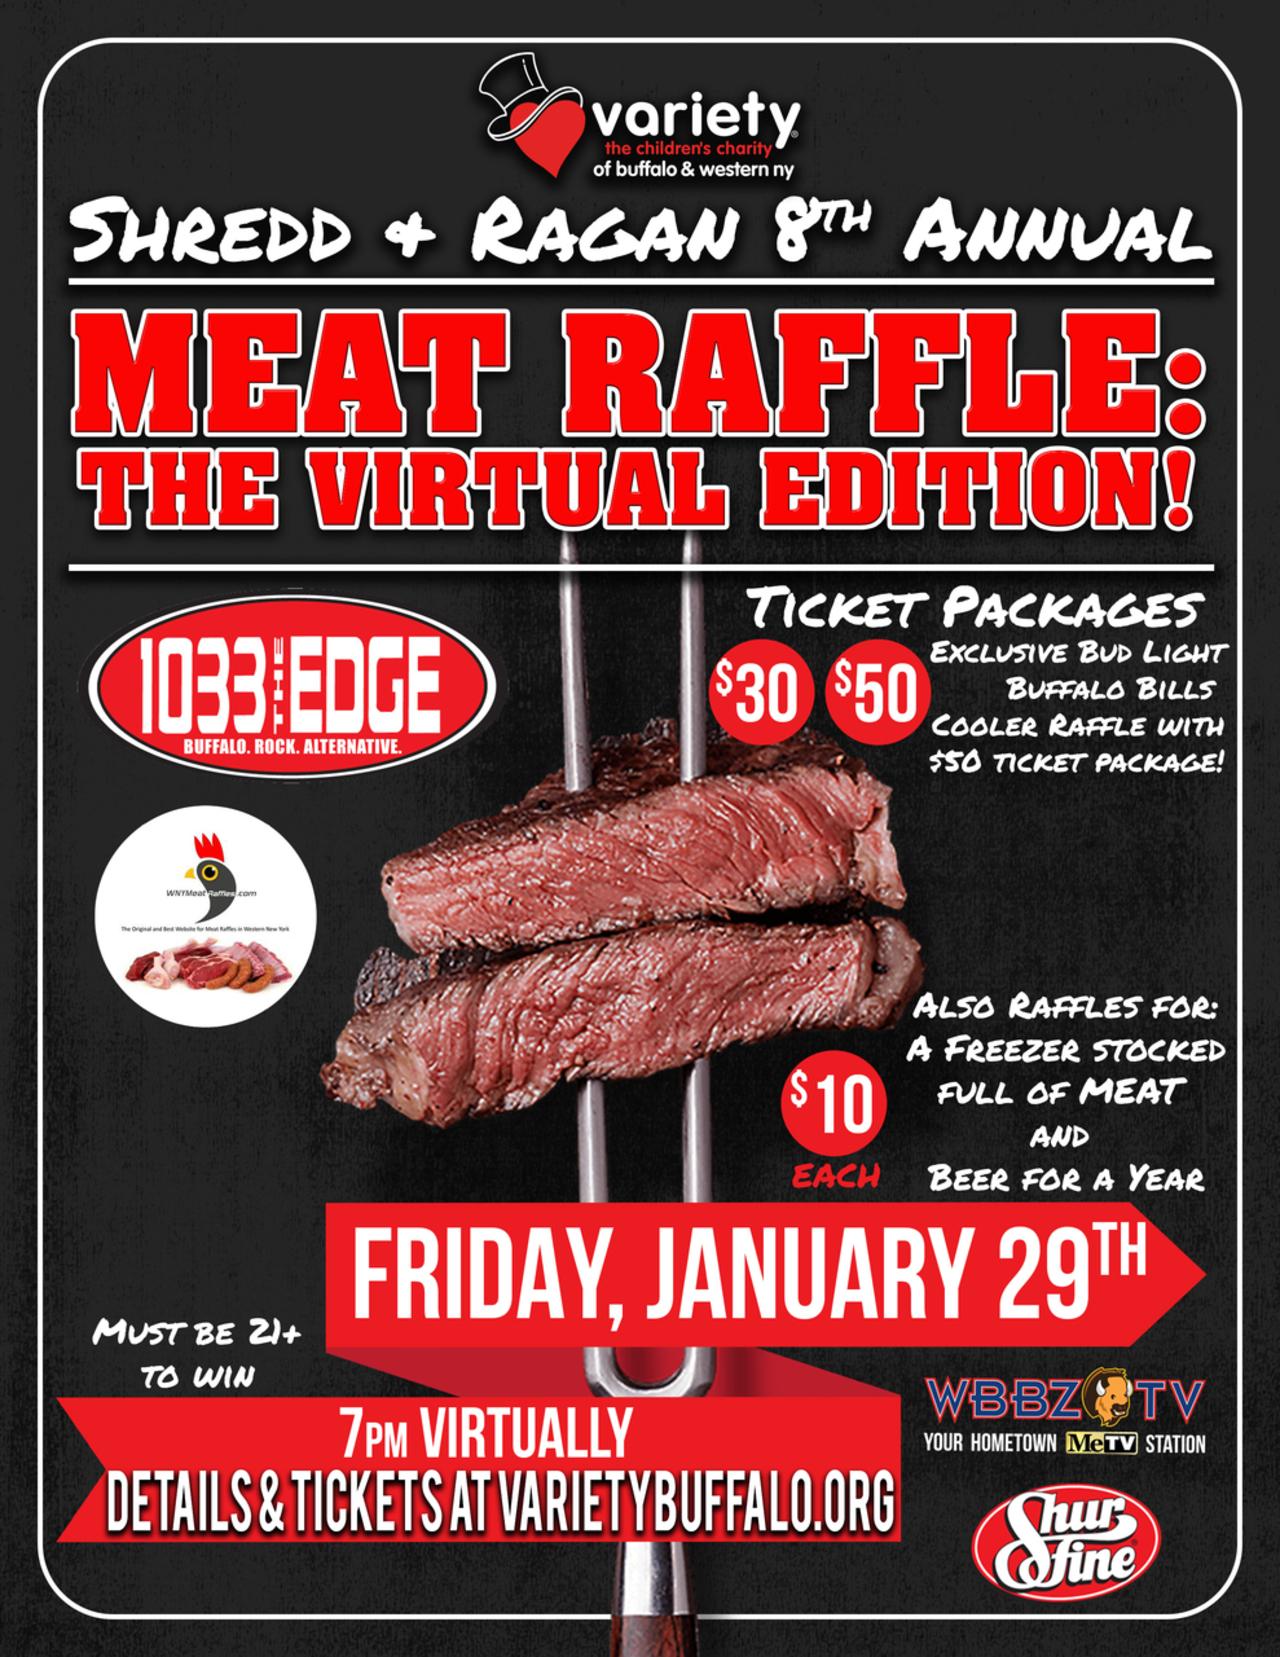 Shredd & Ragan's 8th Annual Meat Raffle: The Virtual Edition